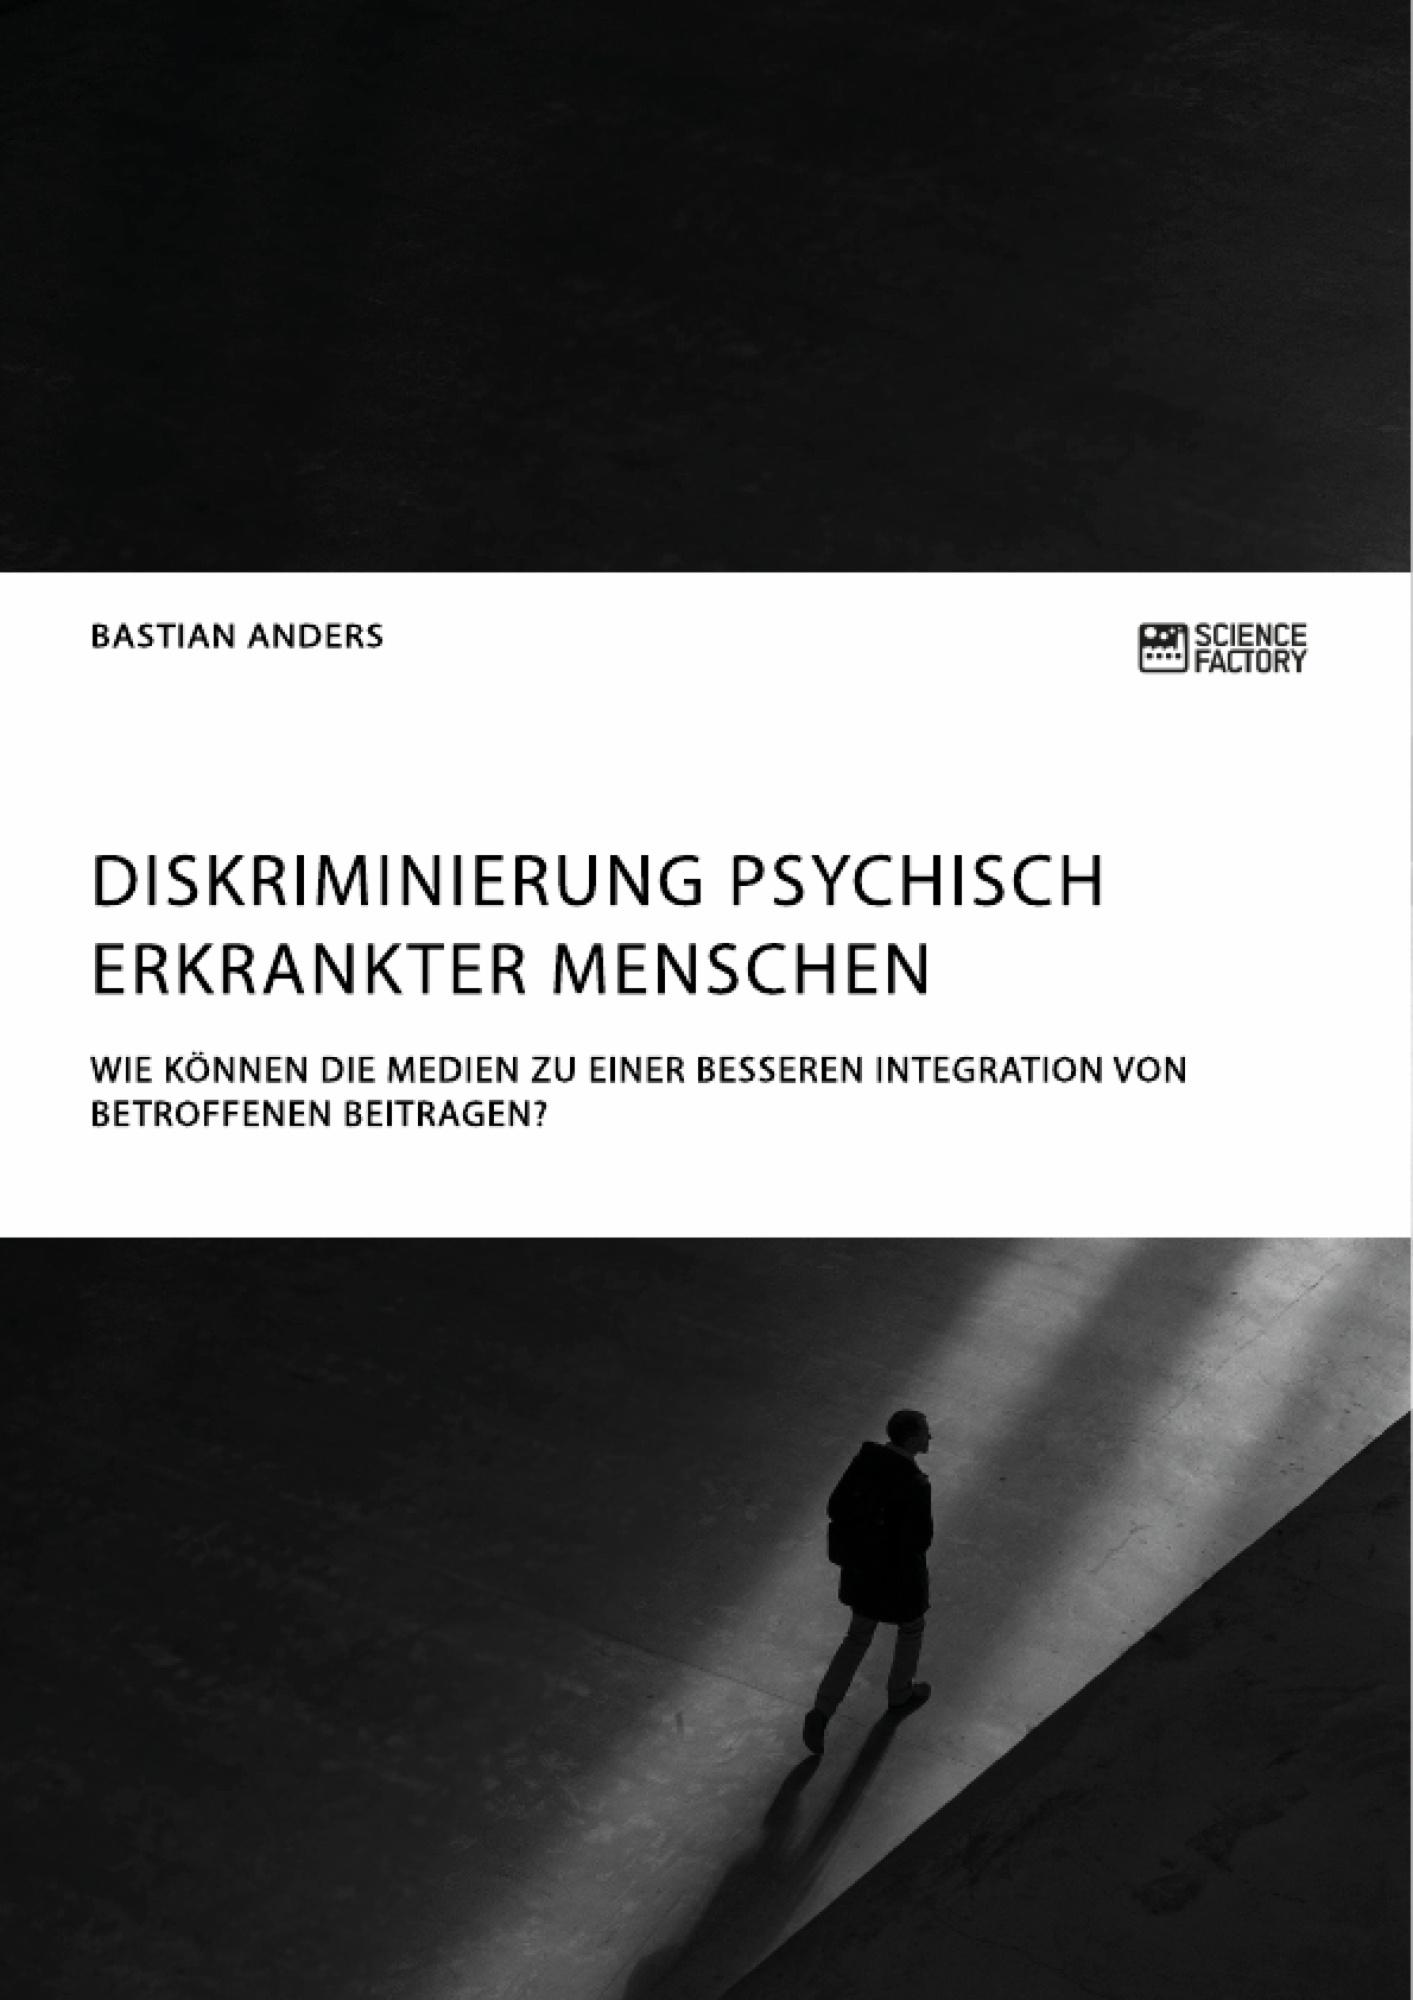 Titel: Diskriminierung psychisch erkrankter Menschen. Wie können die Medien zu einer besseren Integration von Betroffenen beitragen?